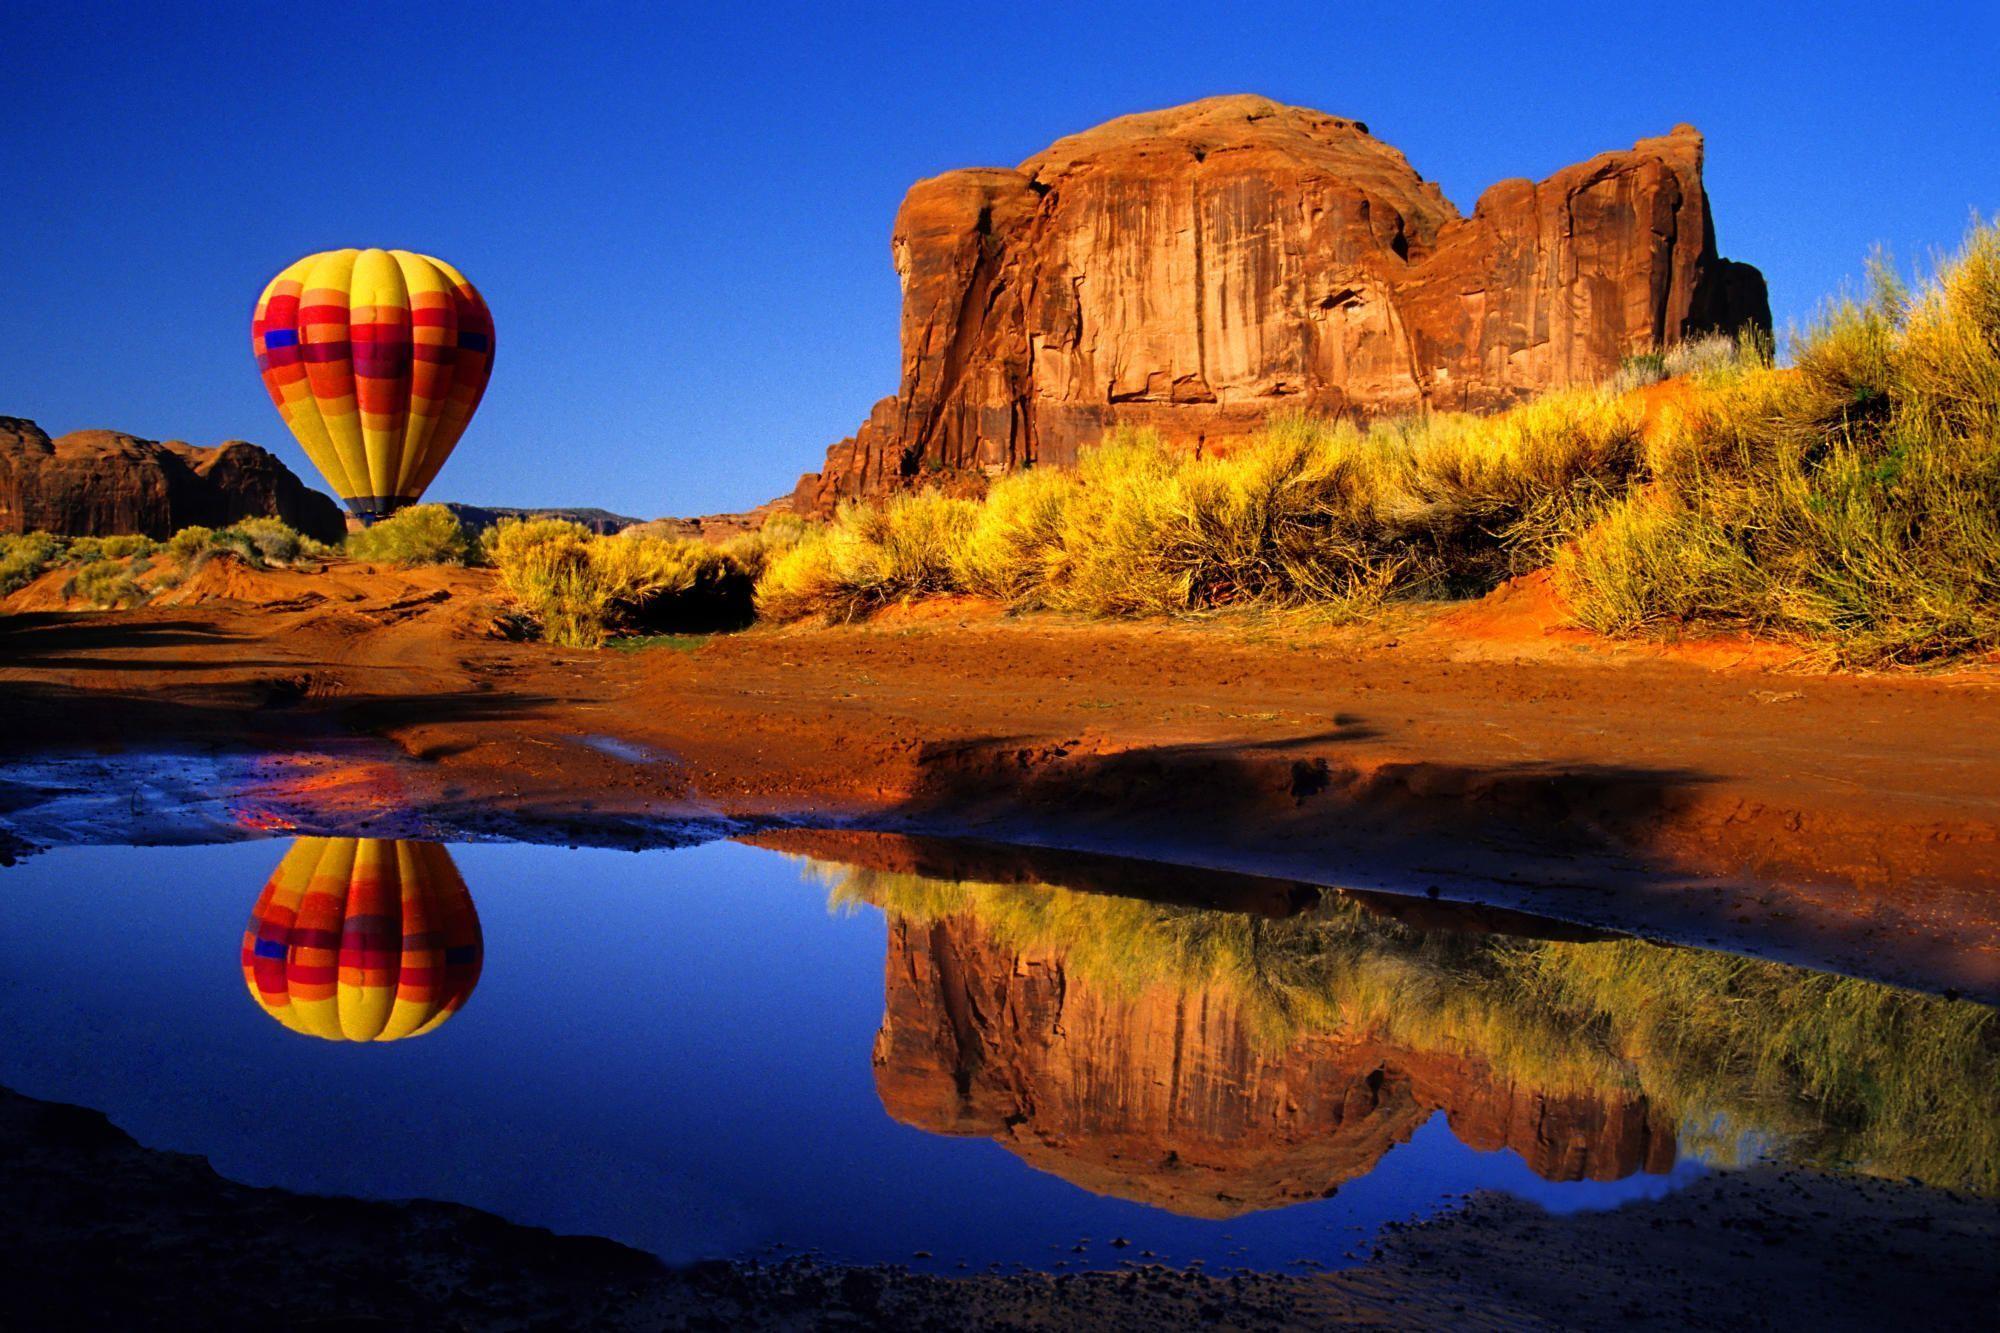 University Of Arizona Desktop Wallpapers 2000x1333